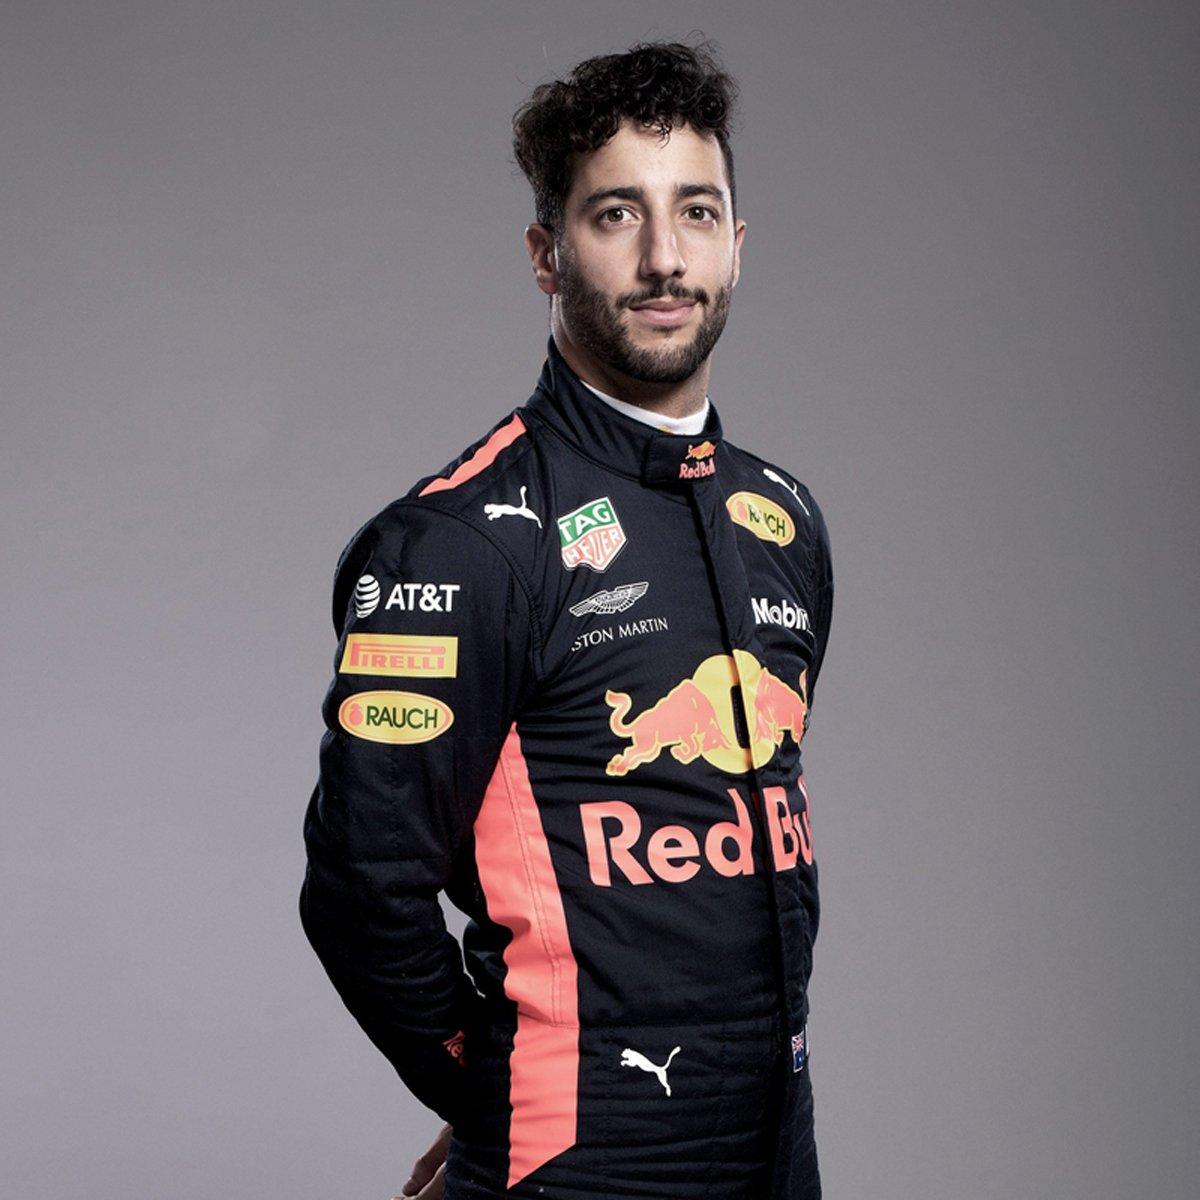 ダニエル・リカルド(レッドブル):2018年 F1レーシングスーツ